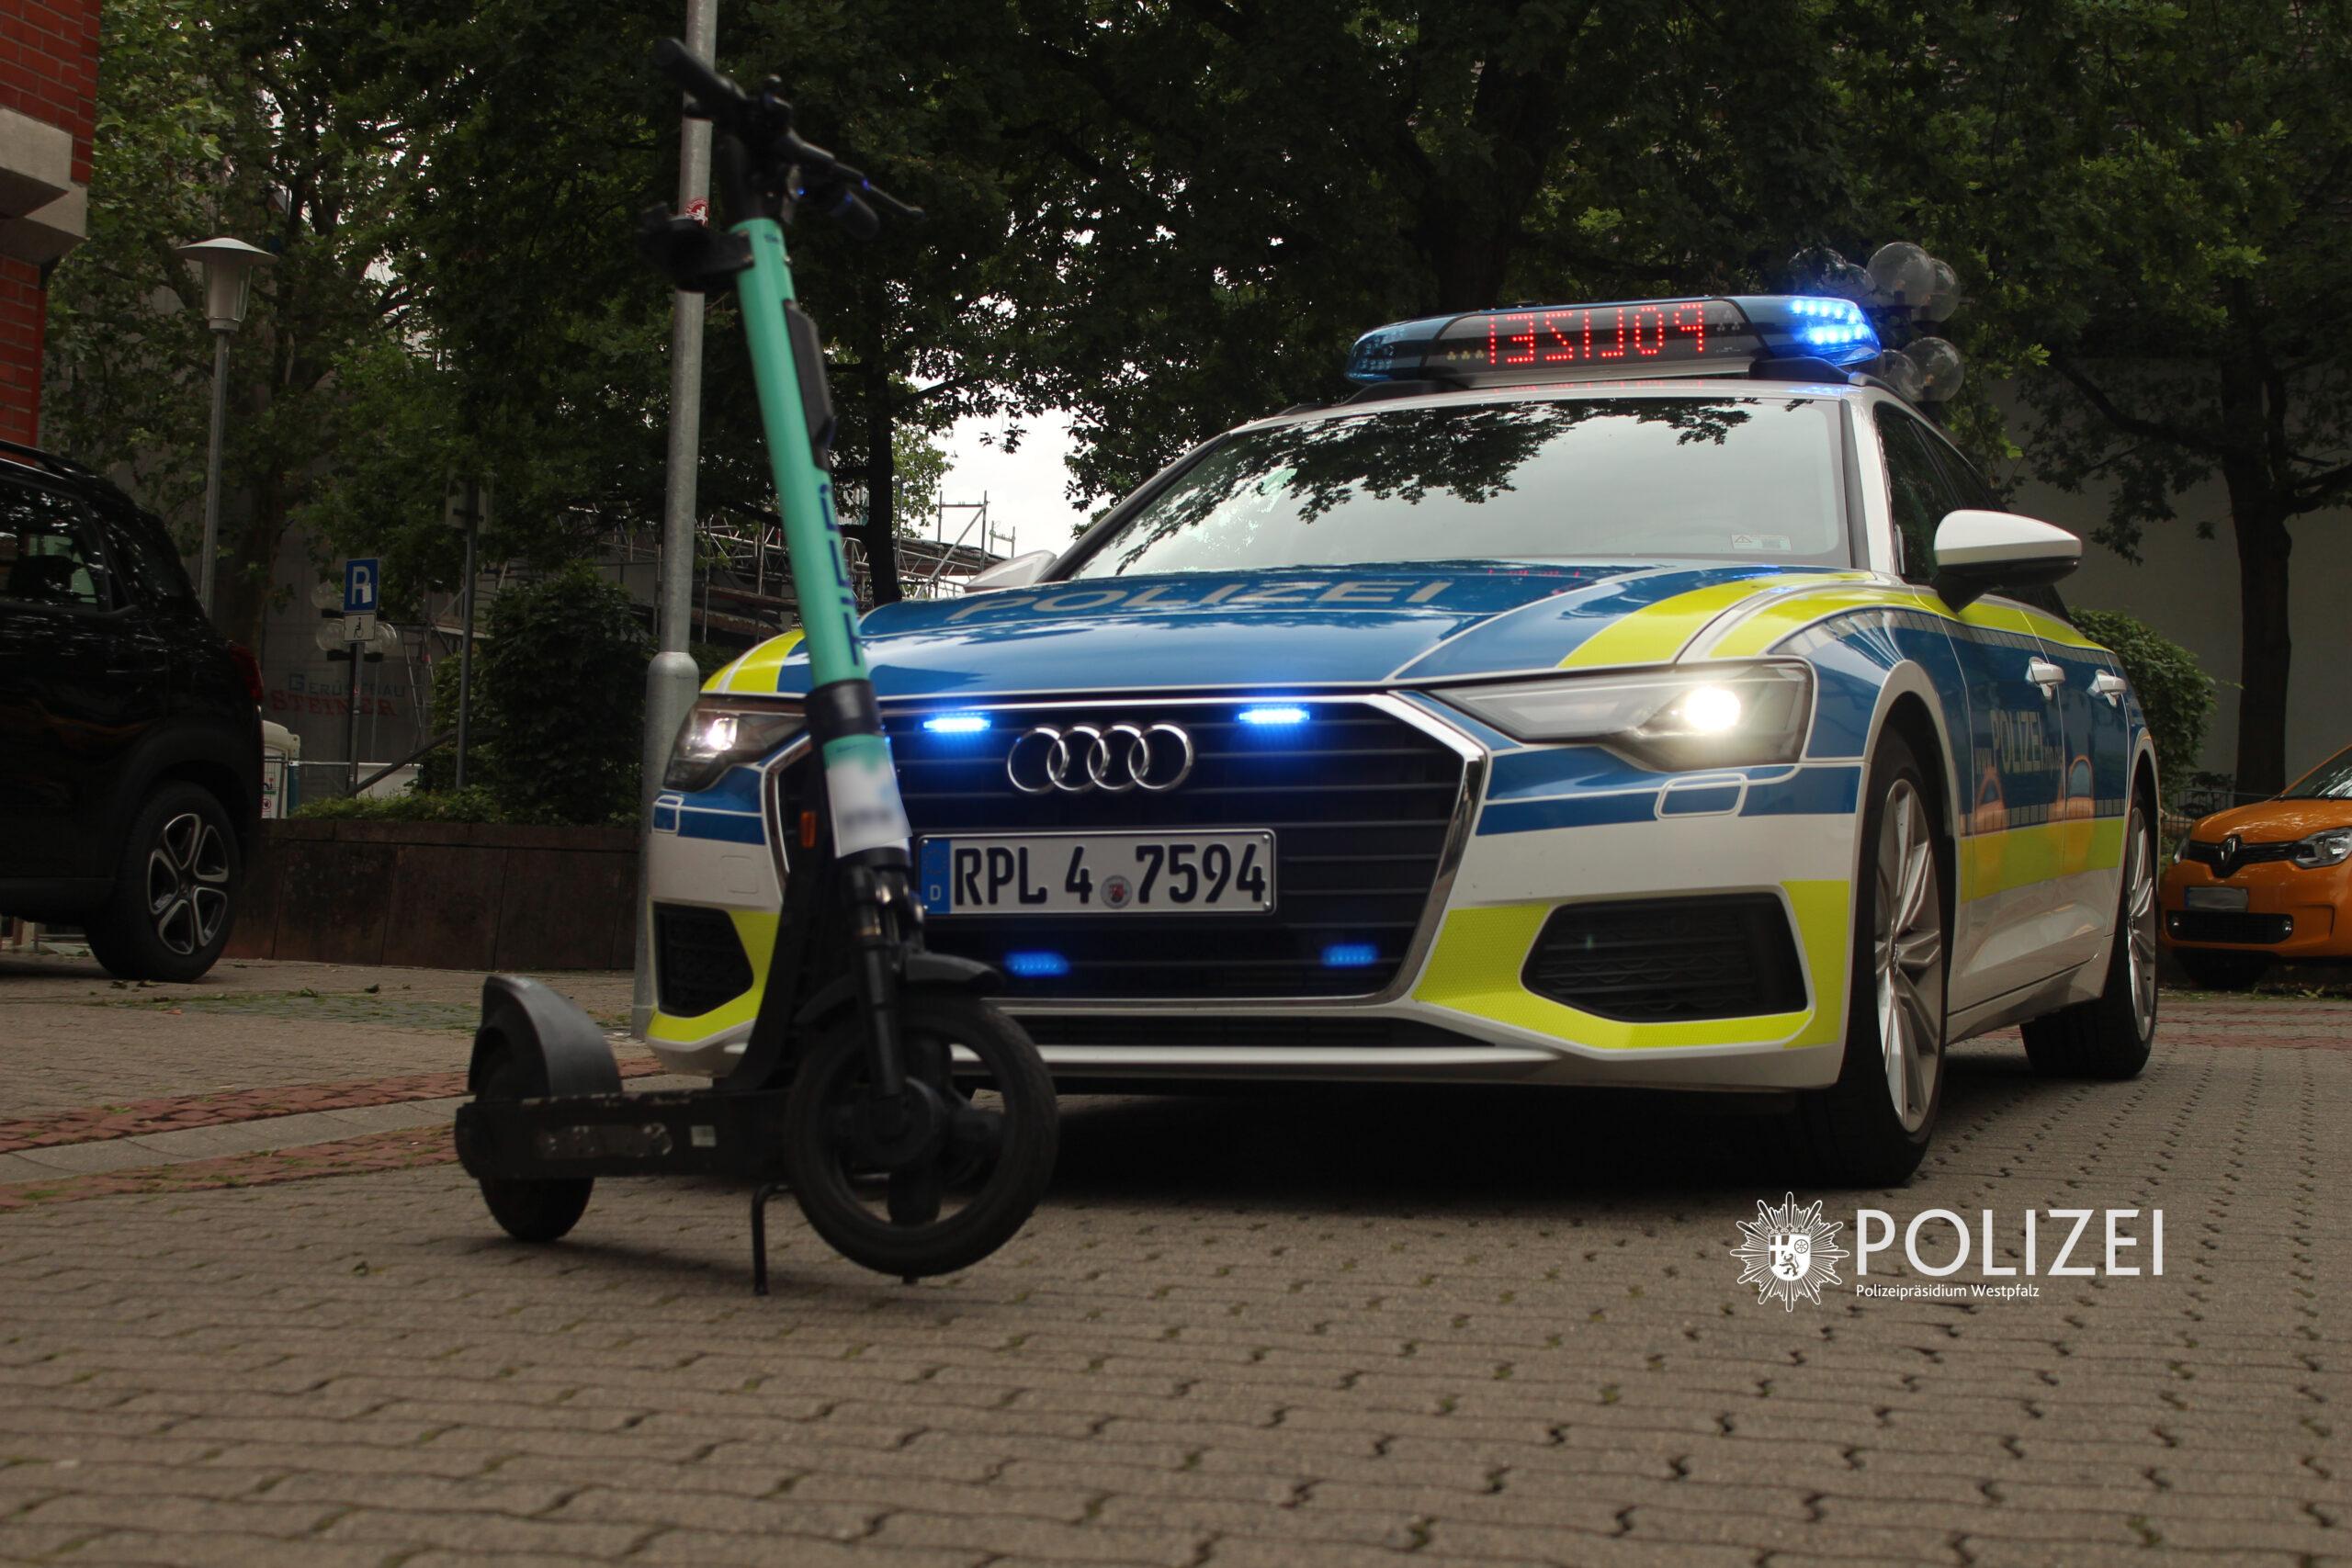 Polizei kündigt E-Scooter Kontrollen an